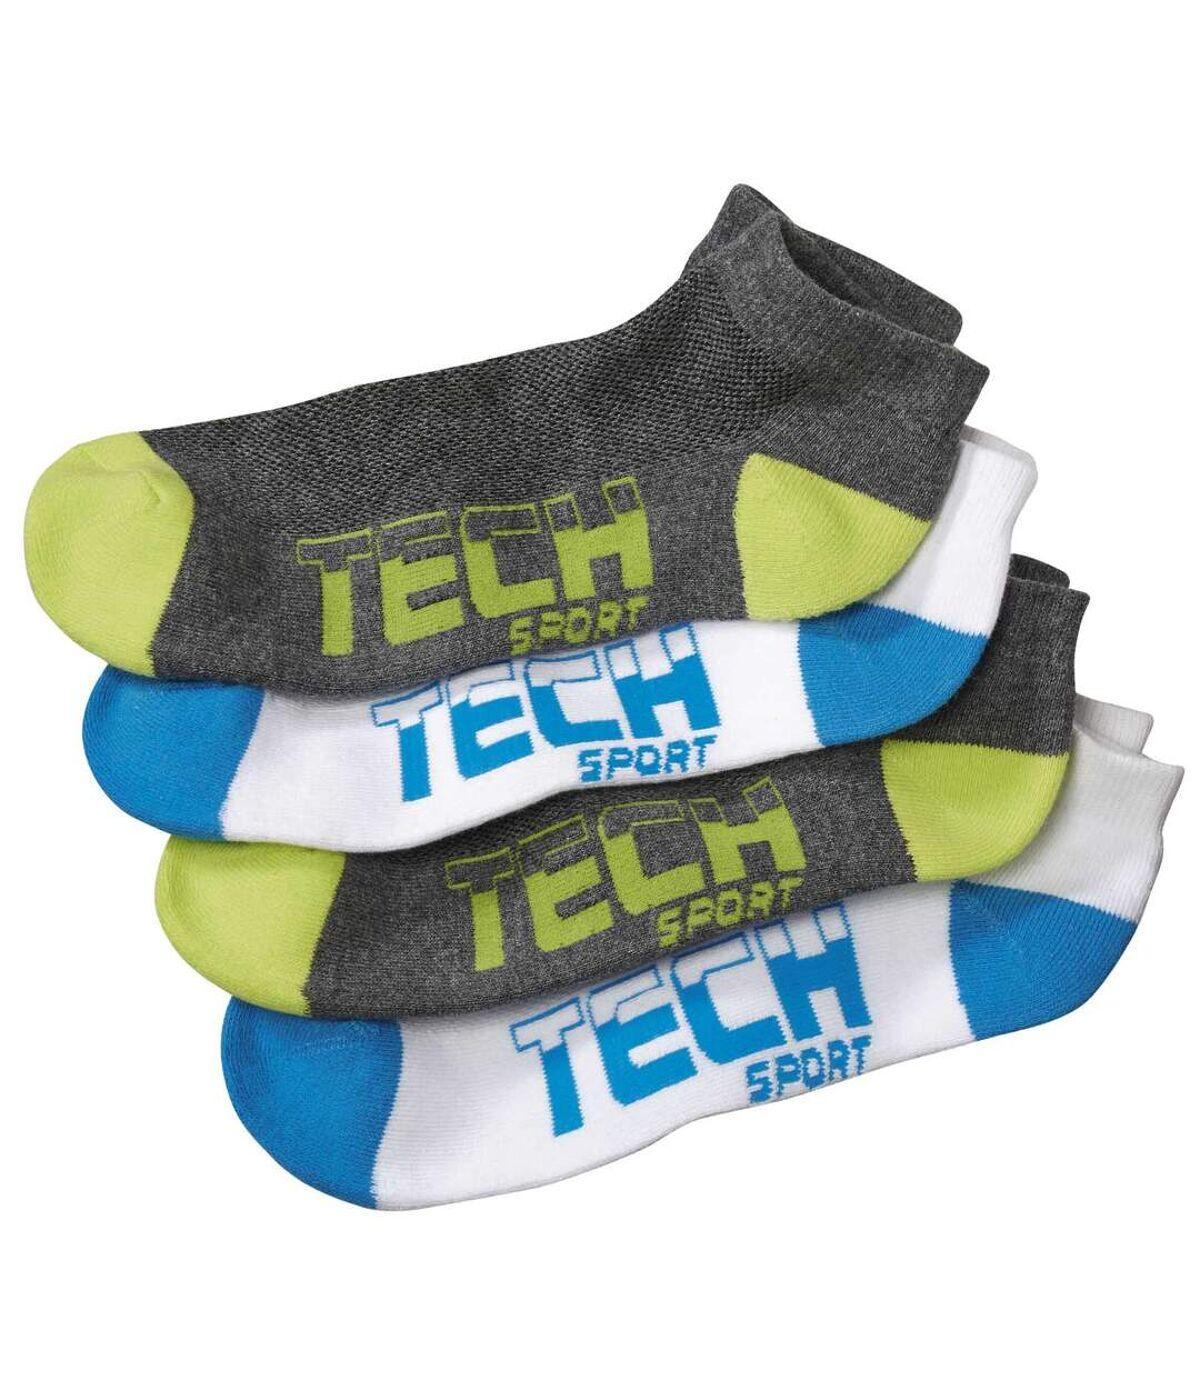 Pack of 4 Pairs of Men's Sport Socks - Grey White Atlas For Men